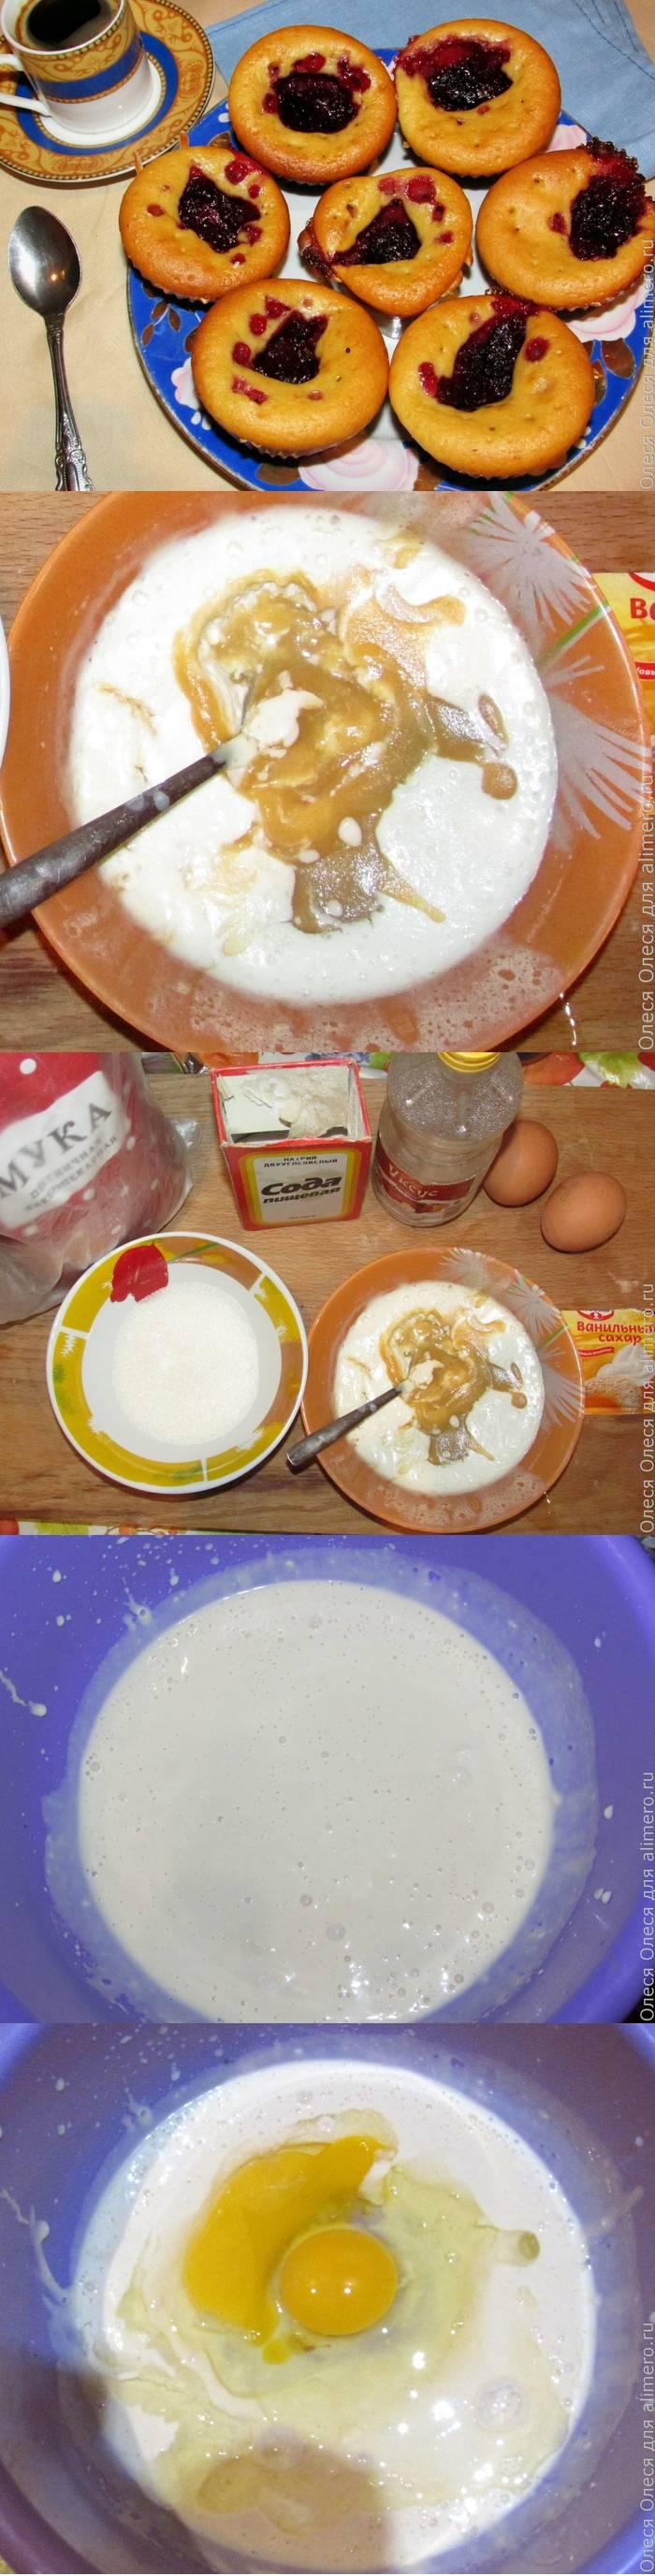 Вкусные творожные кексы со смородиновым джемом